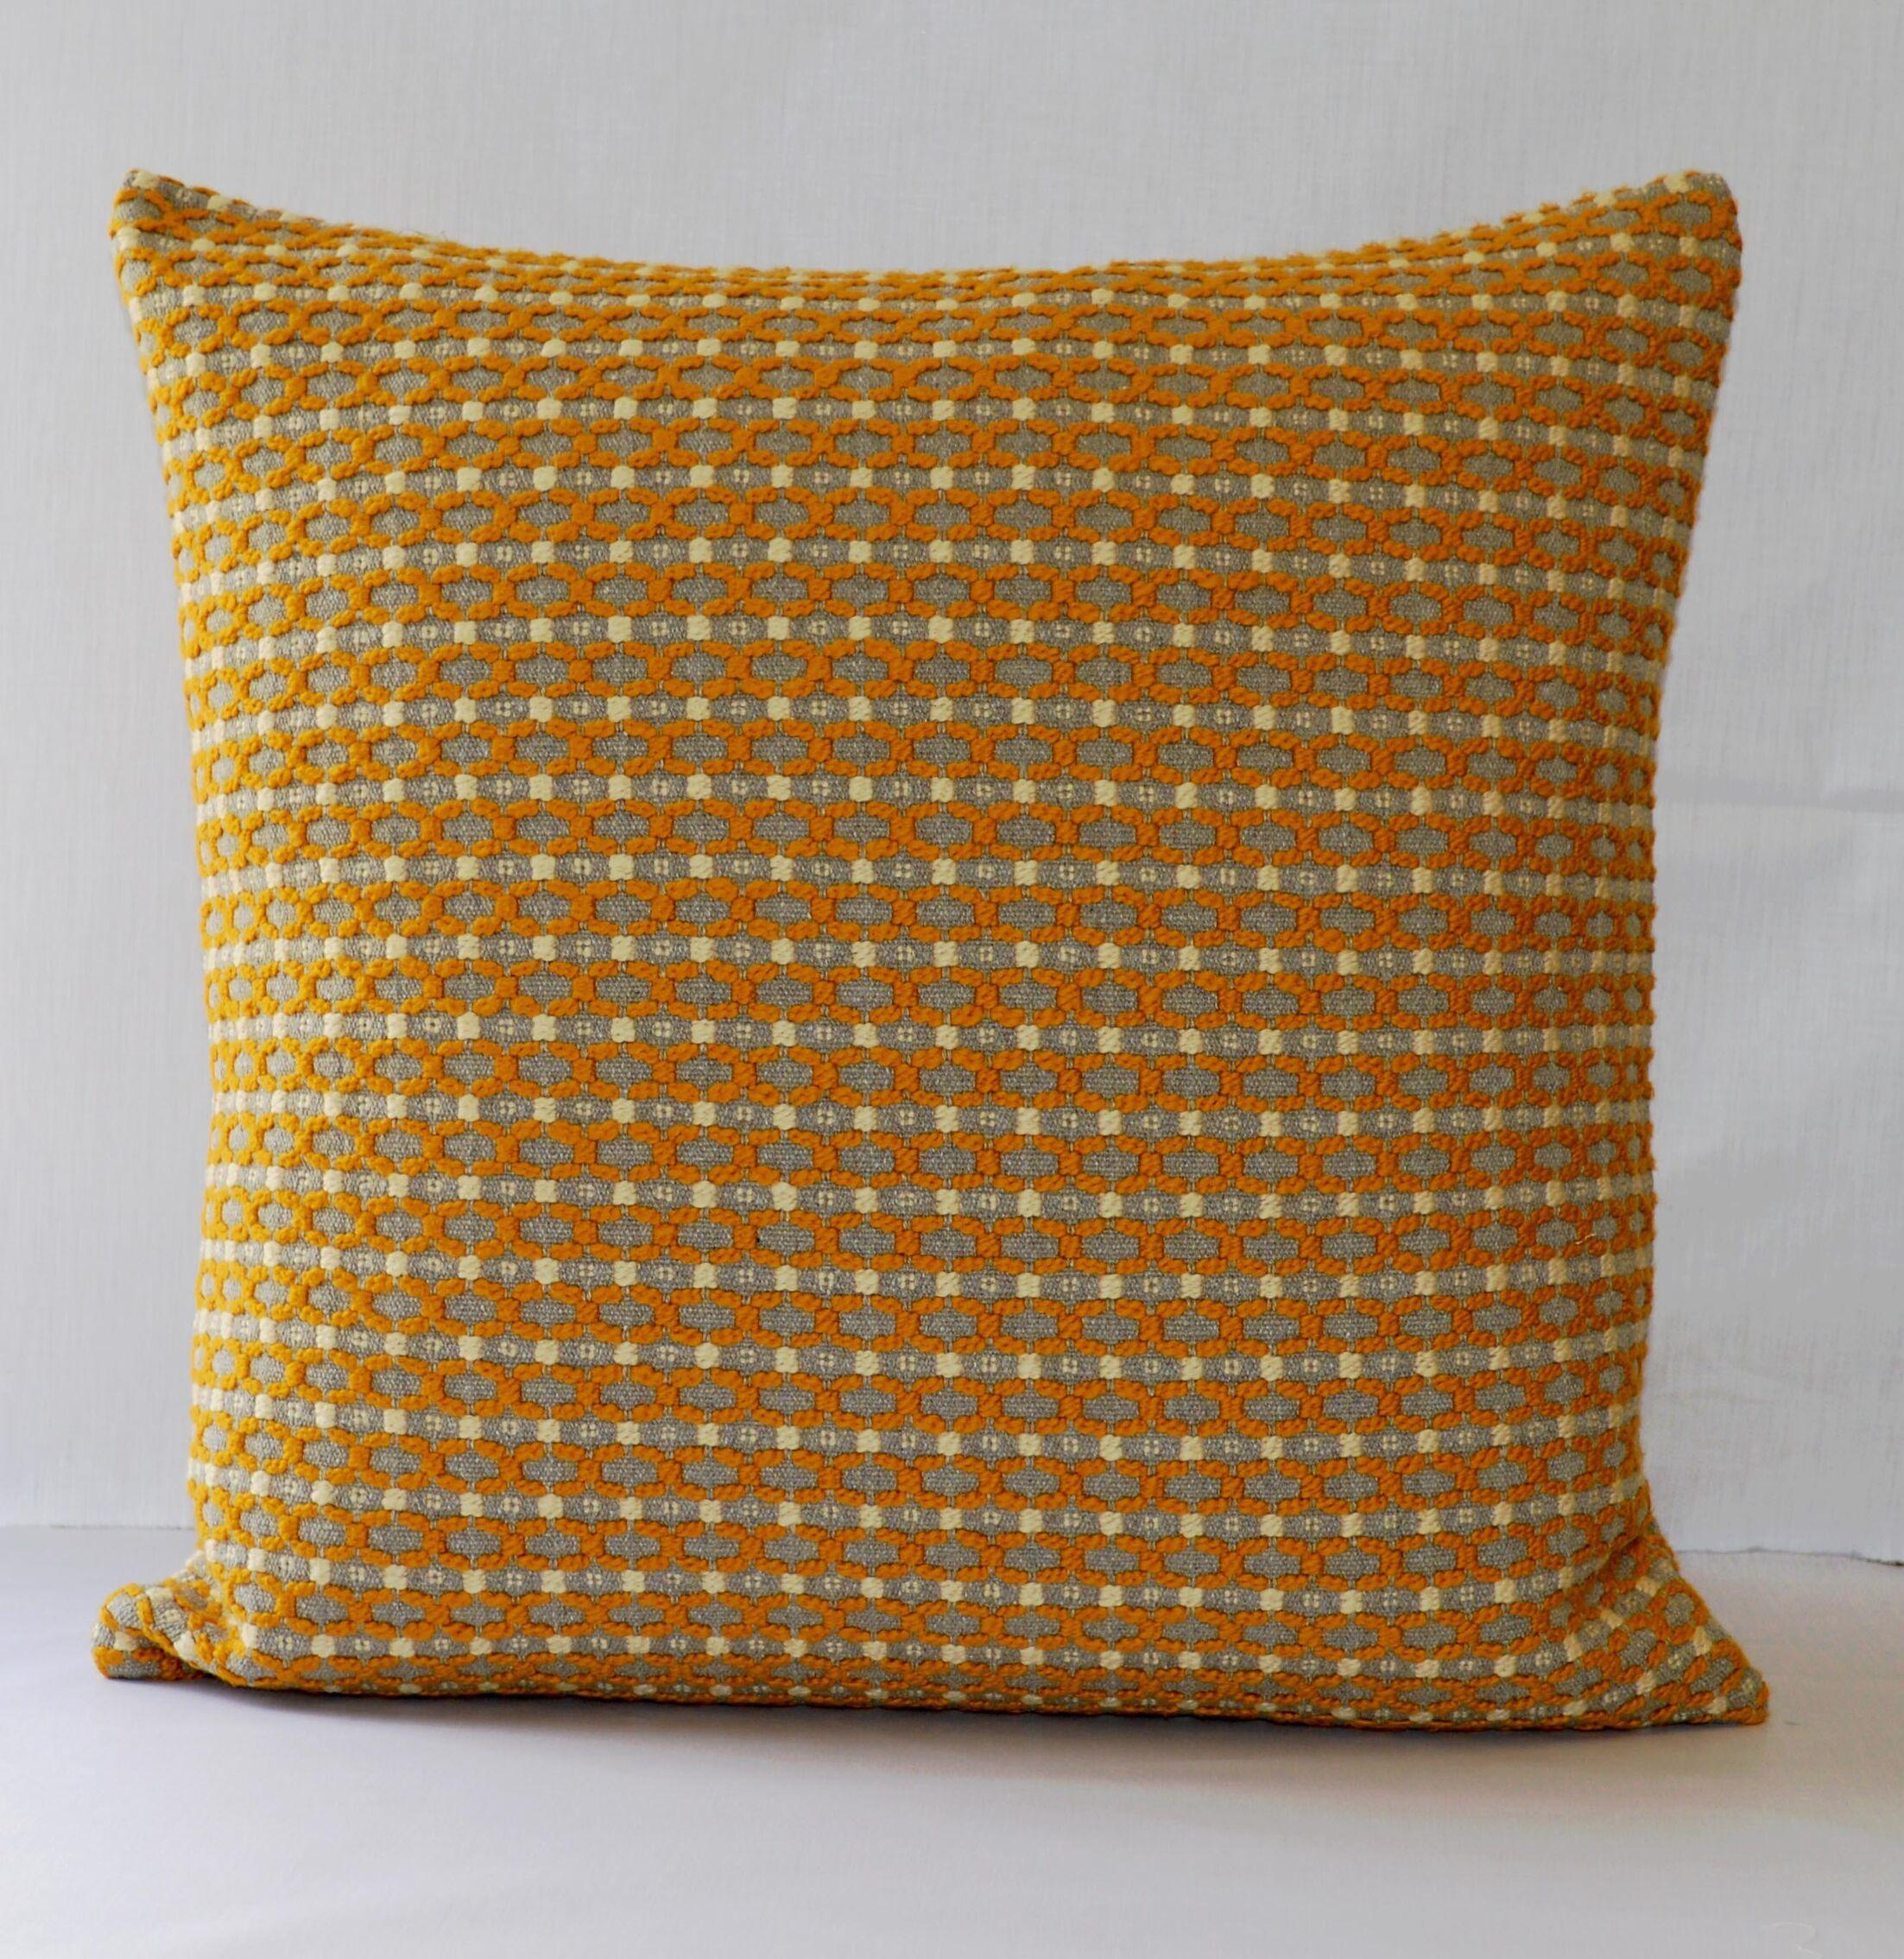 Dorset Throw Pillow Color: Gold